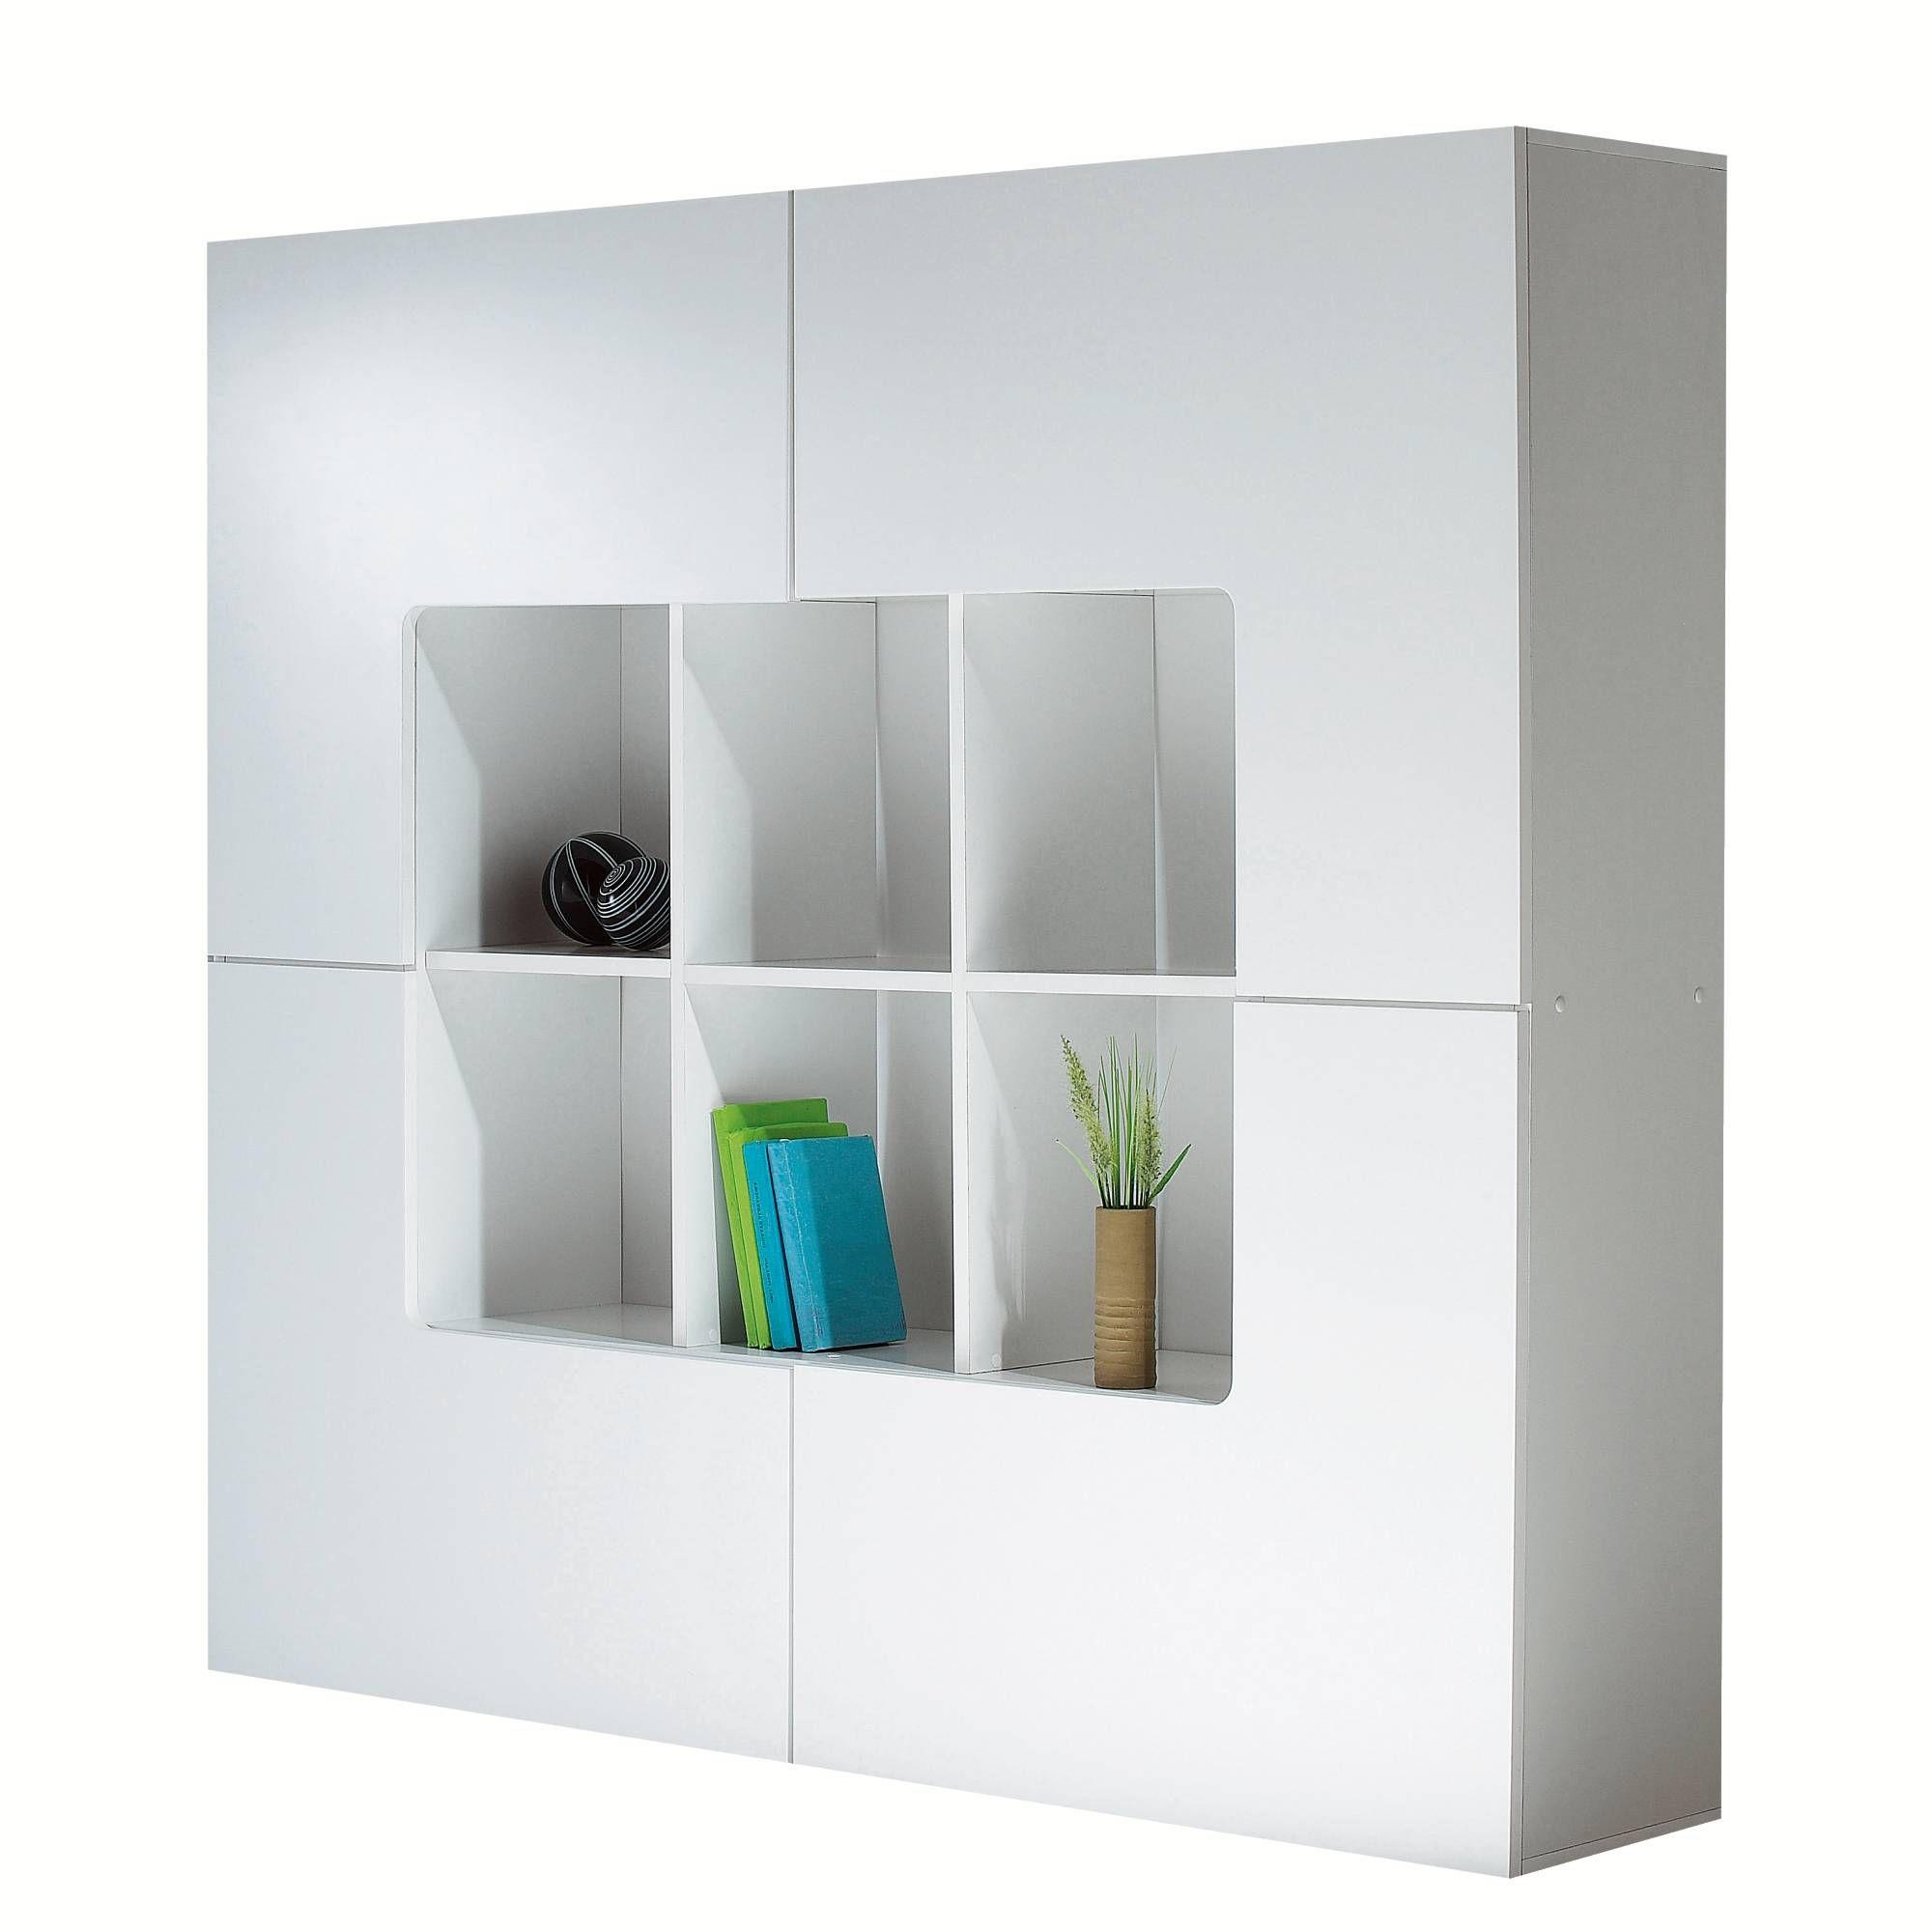 Soldes meubles tv 3 suisses meuble tv tag re brillant glosse ventes pas 3 suisses - 3 suisses meuble tv ...